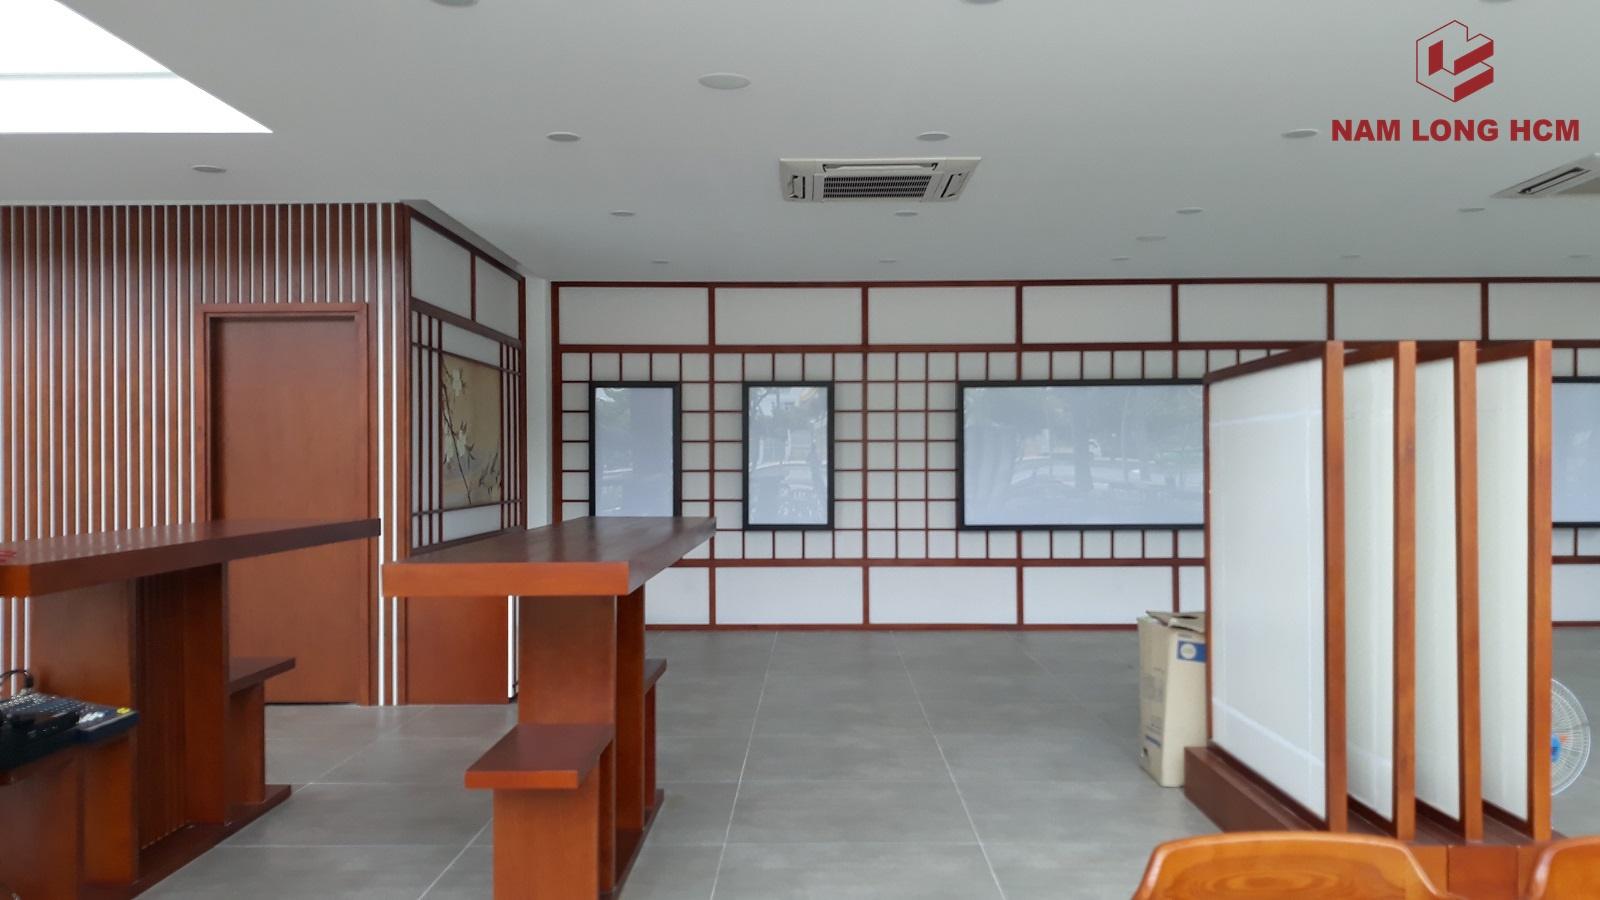 Nhà mẫu Akari City được thiết kế theo phong cách Nhật Bản. Ảnh: Nam Long HCM